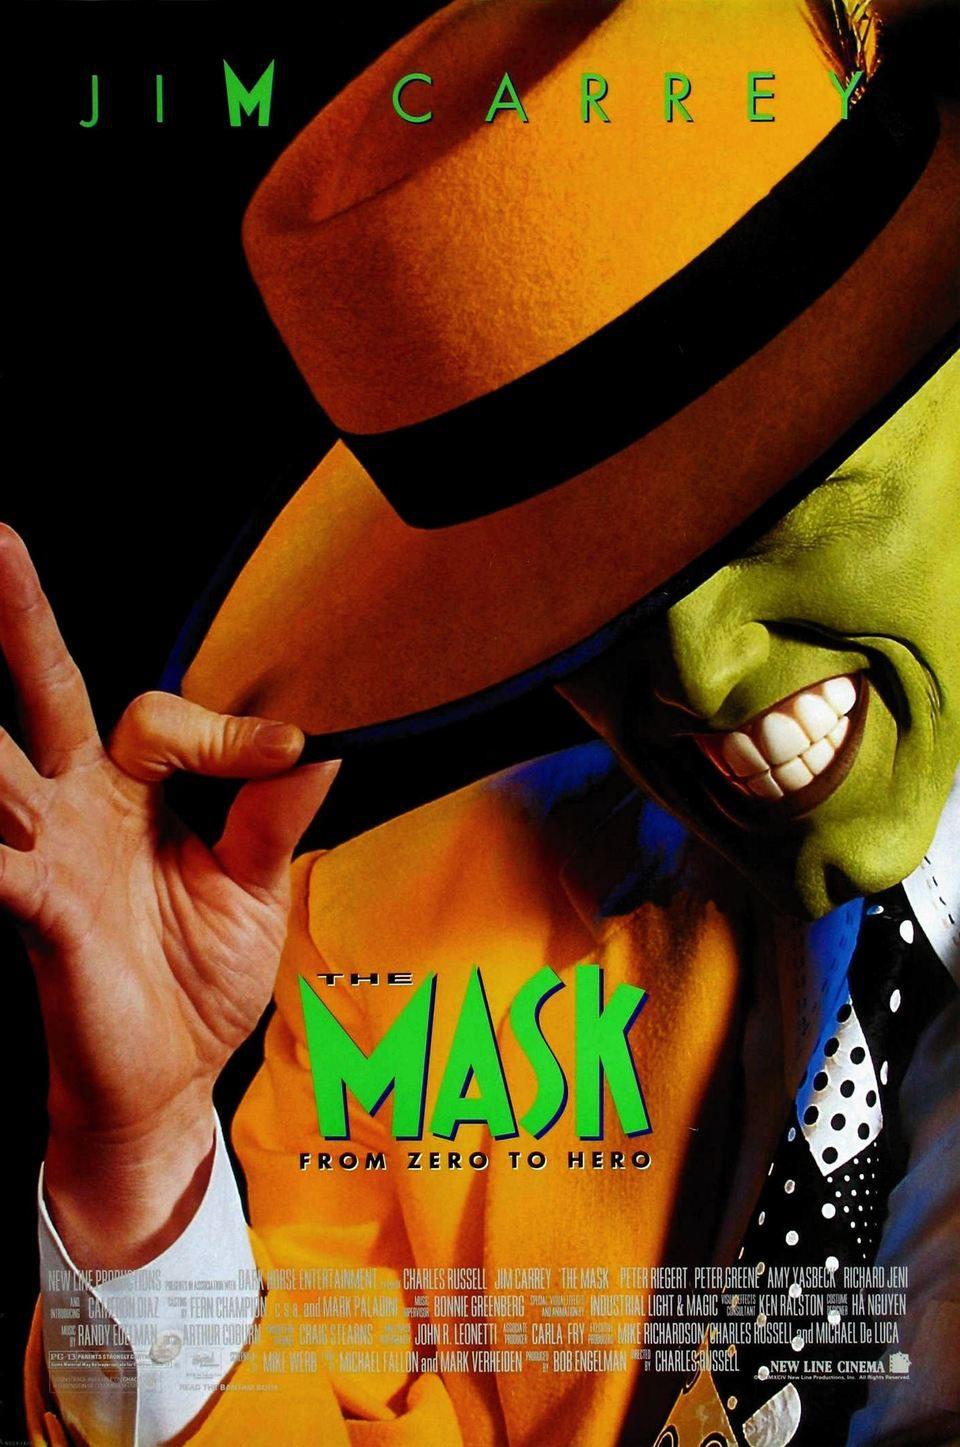 La consecuencia de la imposición de la máscara a la persona